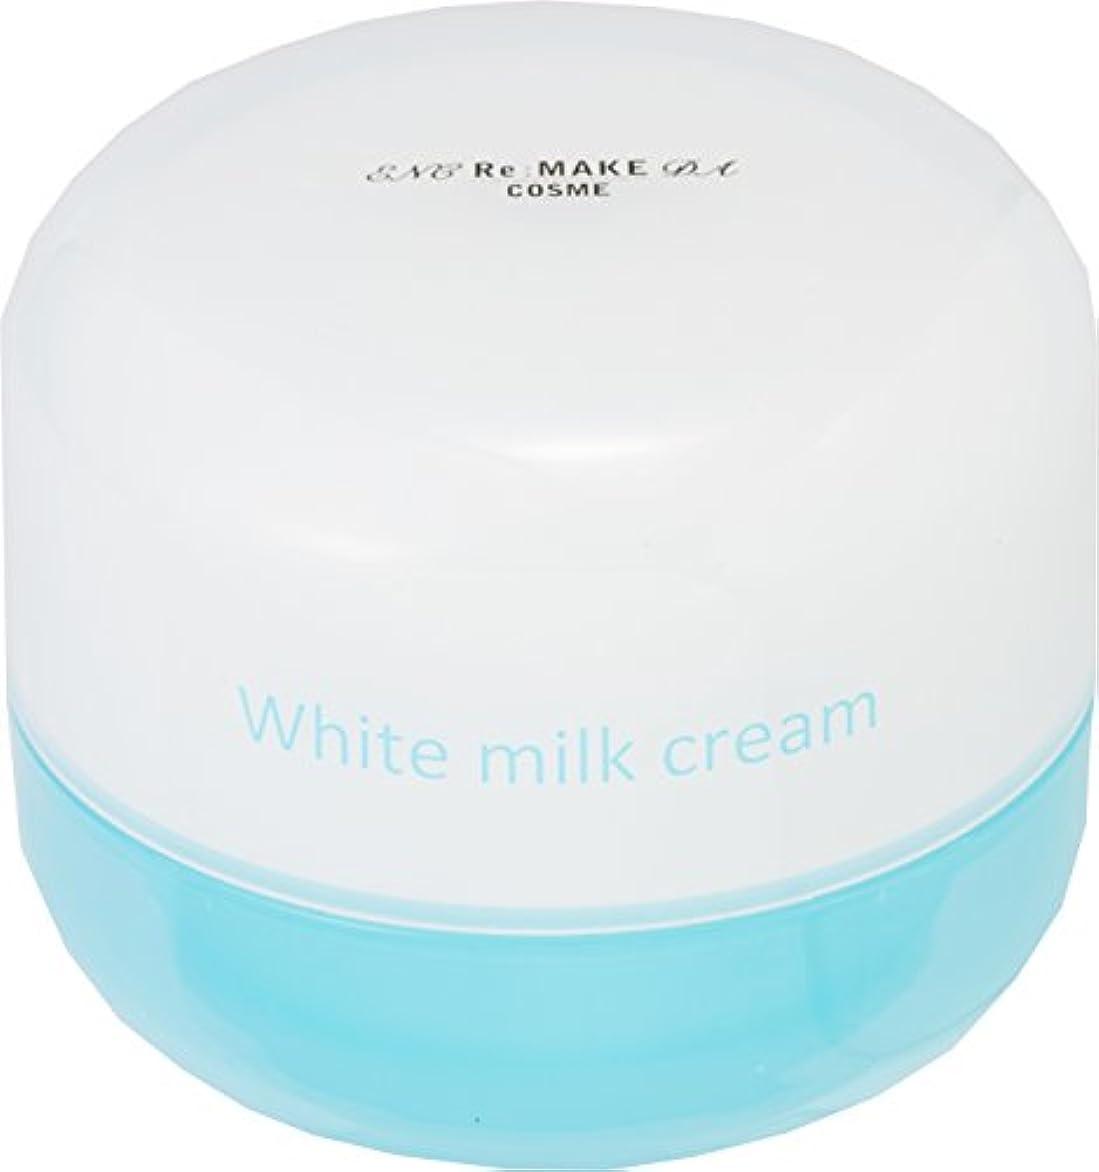 線統治する不明瞭ホワイトミルククリーム